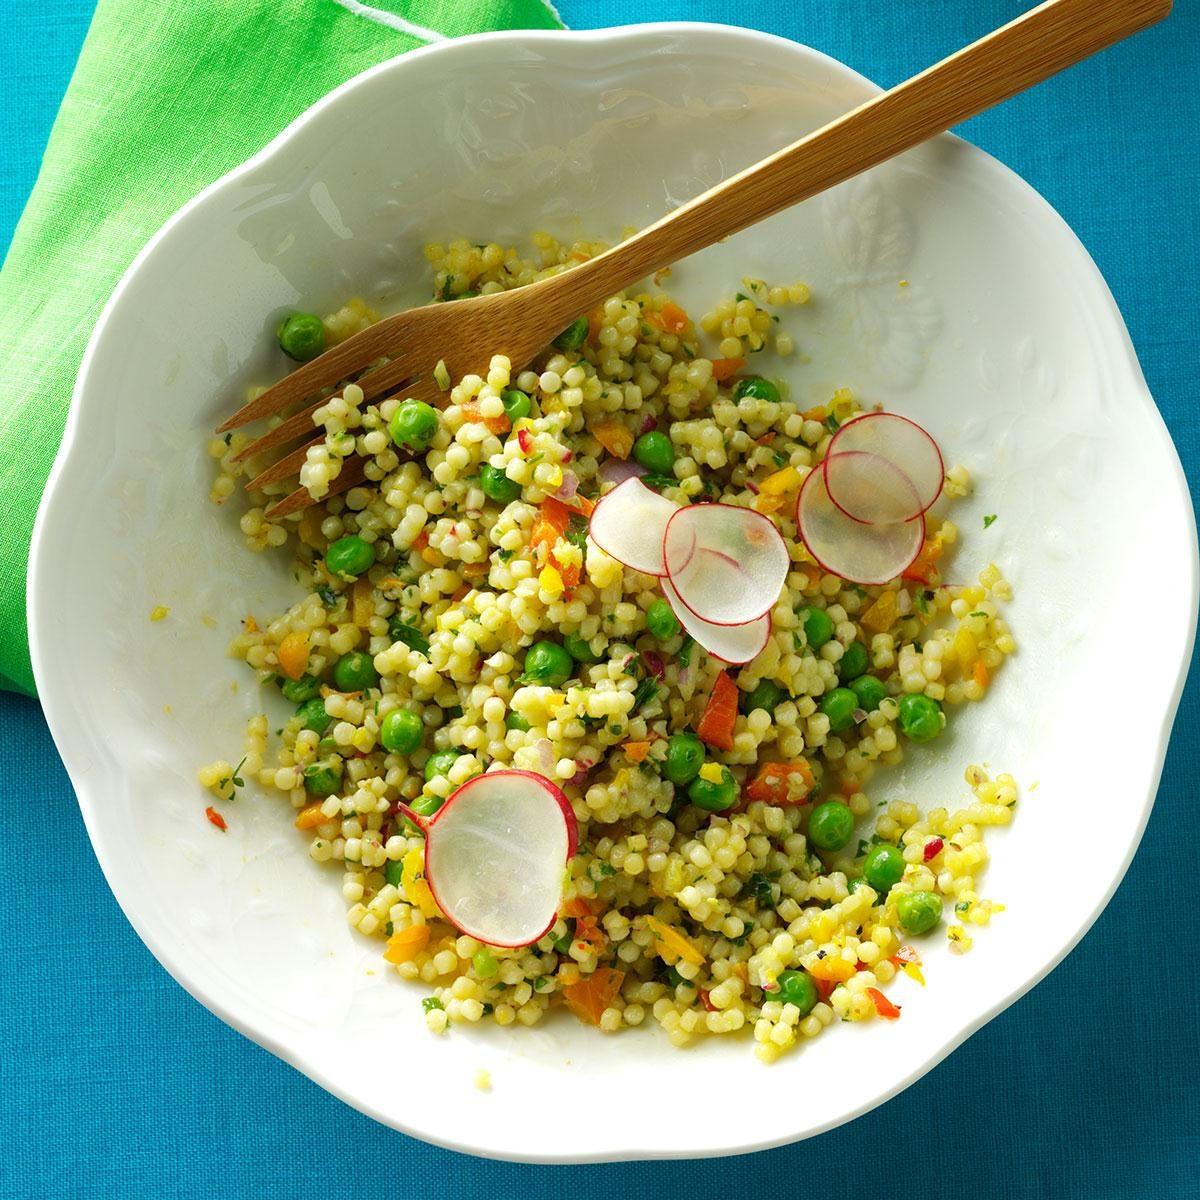 Peas & Pepper Pasta Salad